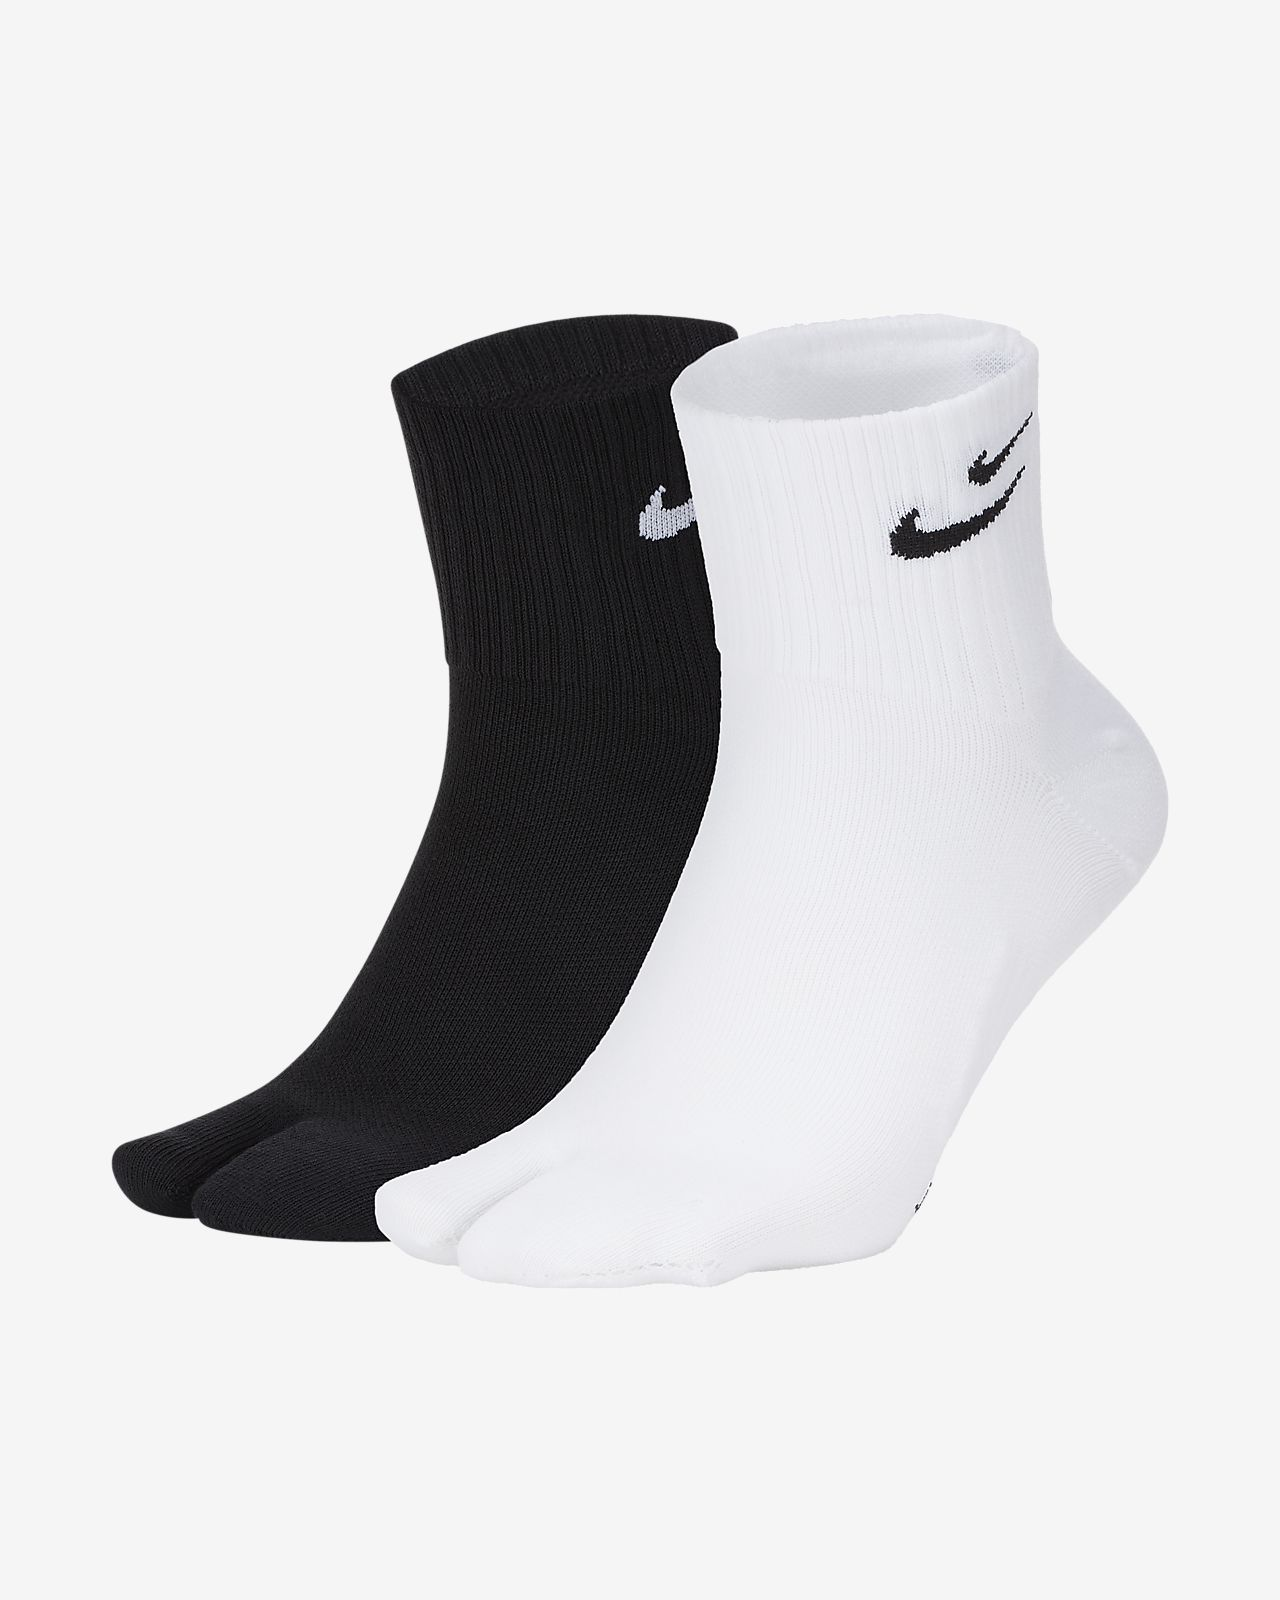 Calcetines hasta el tobillo Nike Wildcard (2 pares)